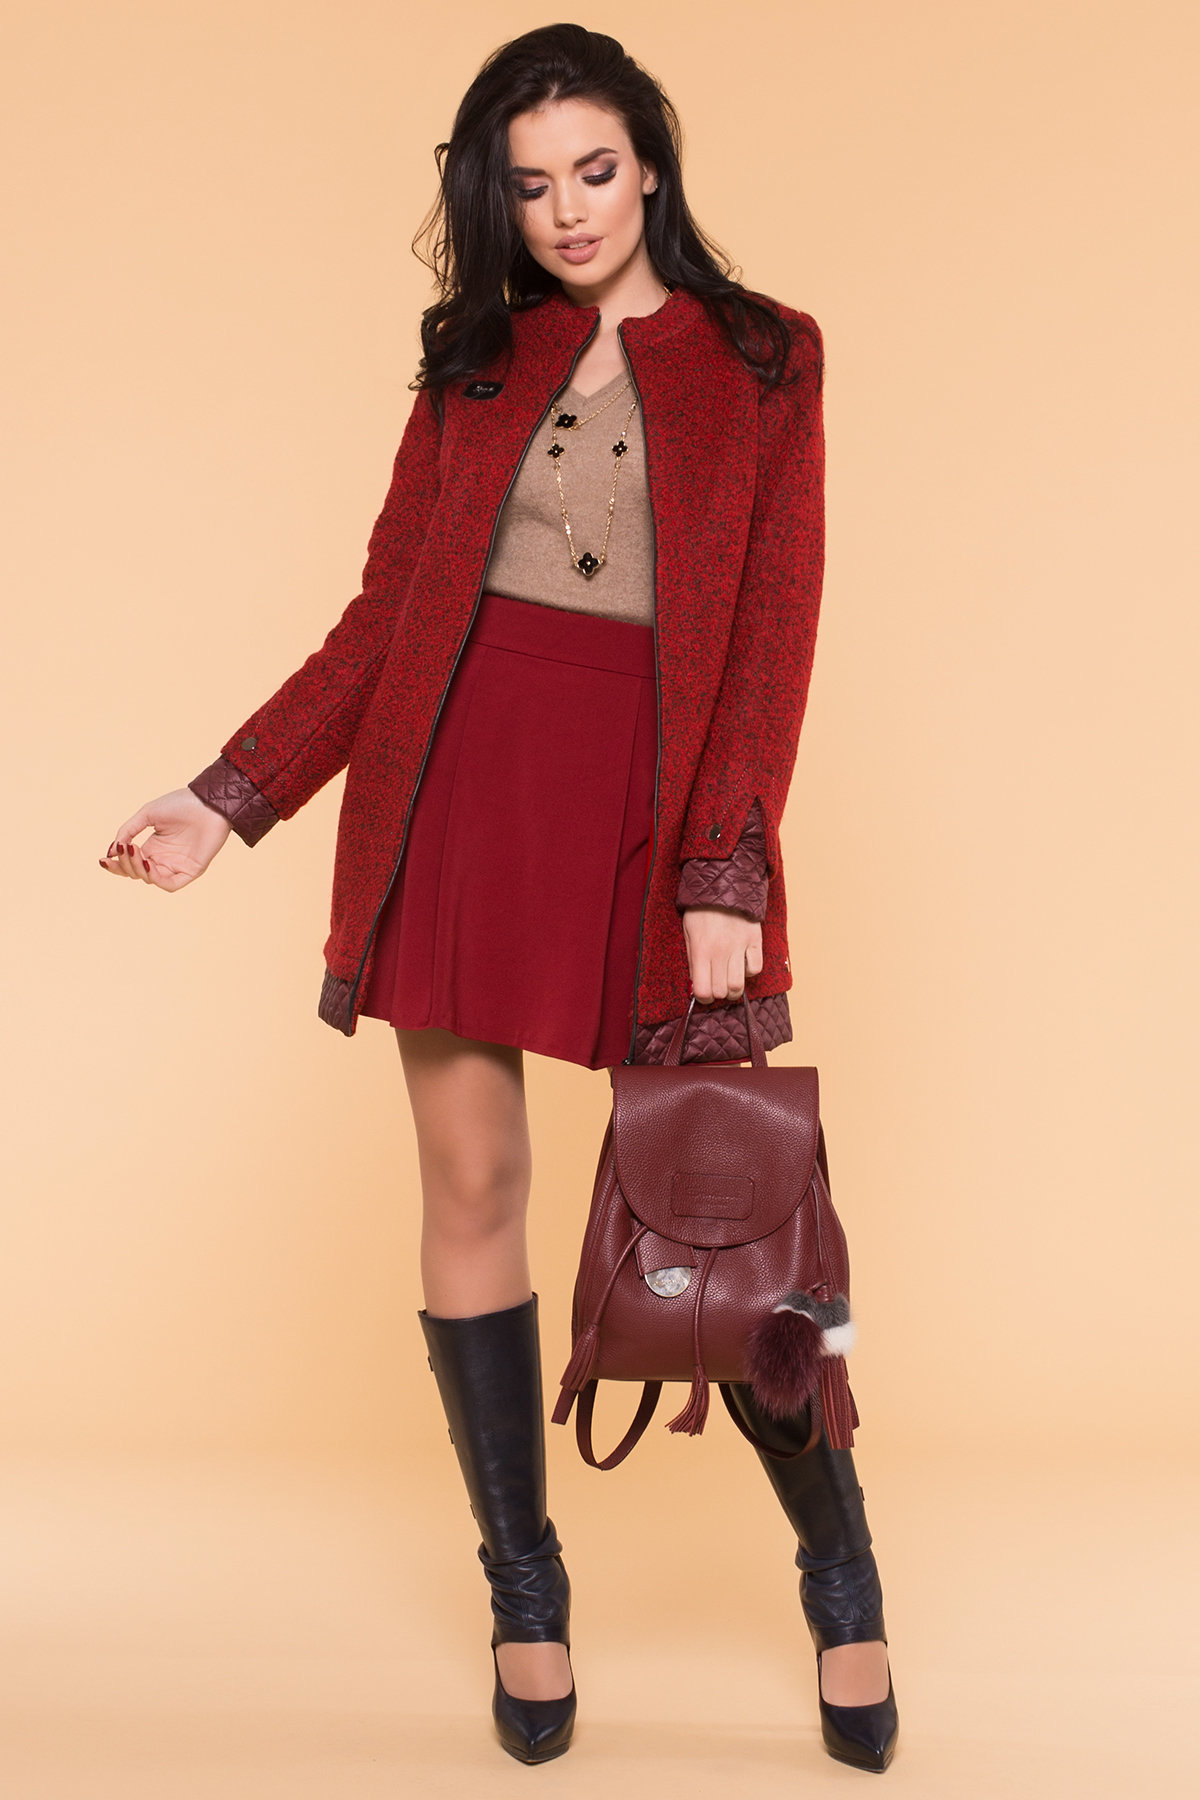 Пальто Амберг 1450  АРТ. 9183 Цвет: Красный/черный/бордо - фото 3, интернет магазин tm-modus.ru